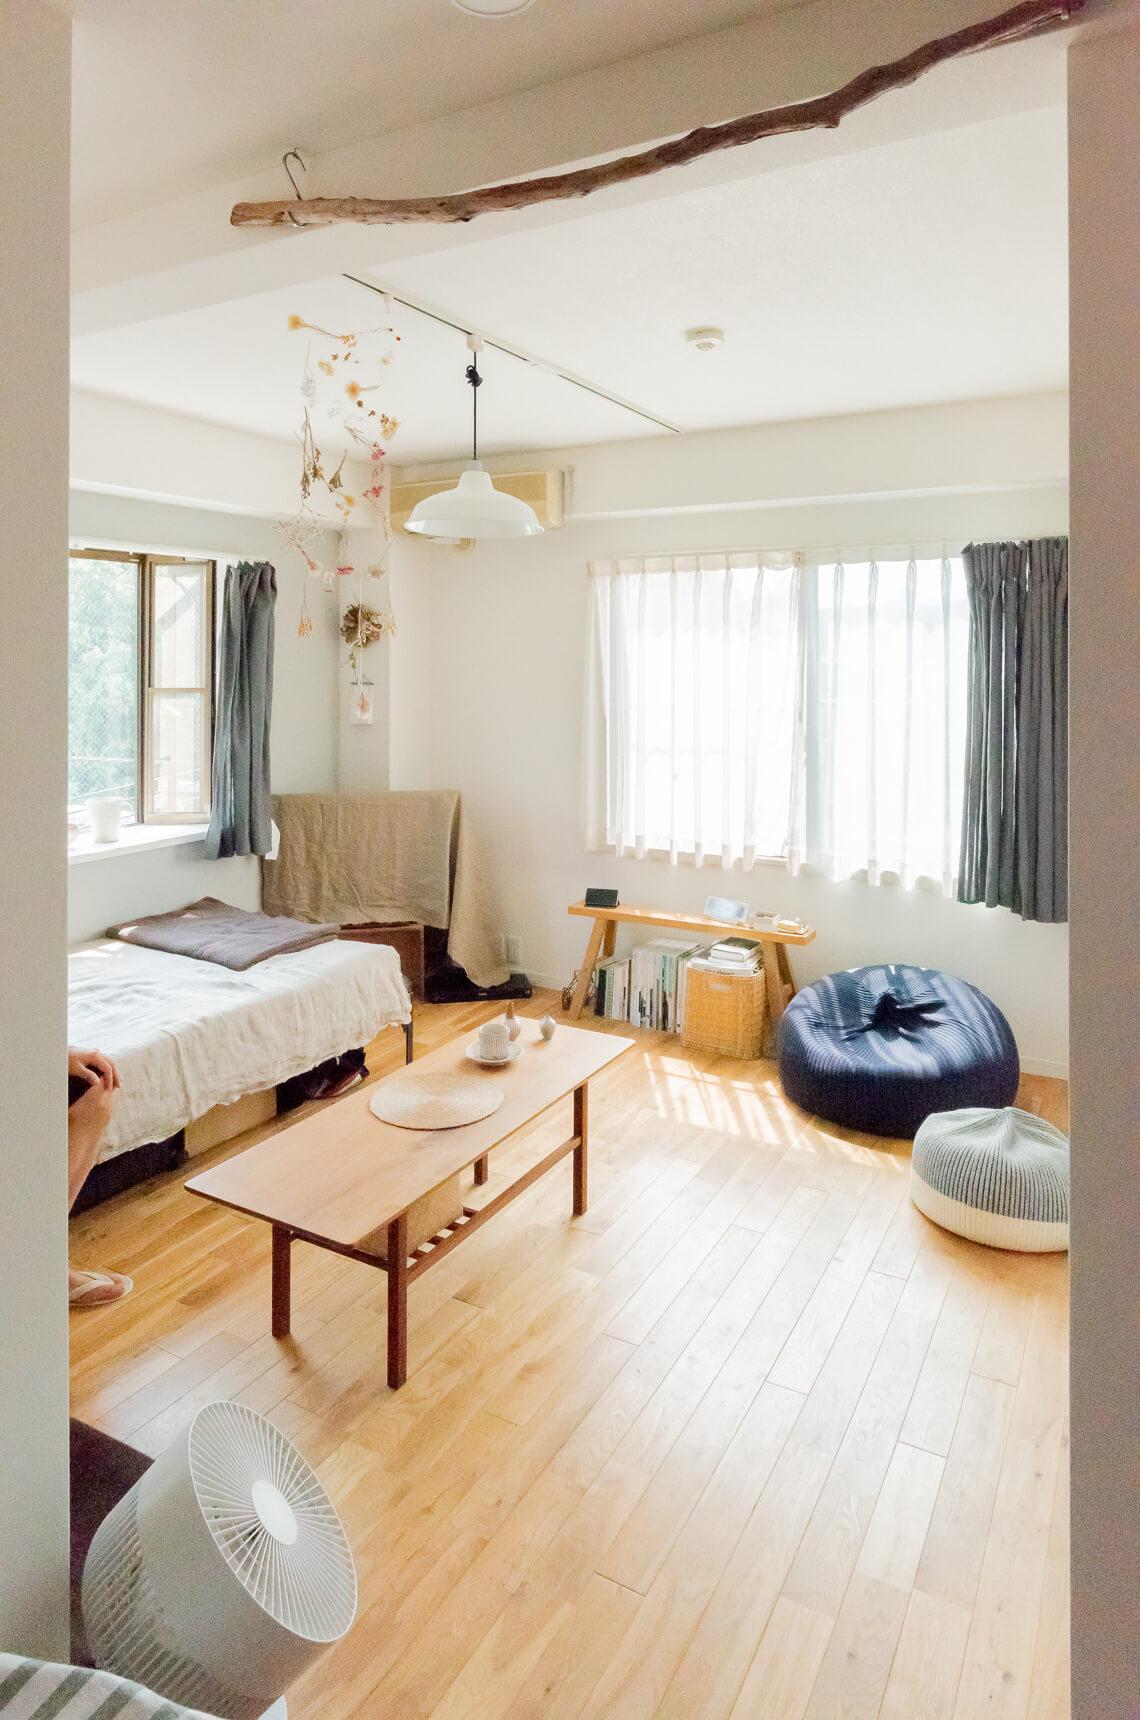 キッチンから居室を見たところ。窓が2面にあって、陽当たり・風通しがとても良い。